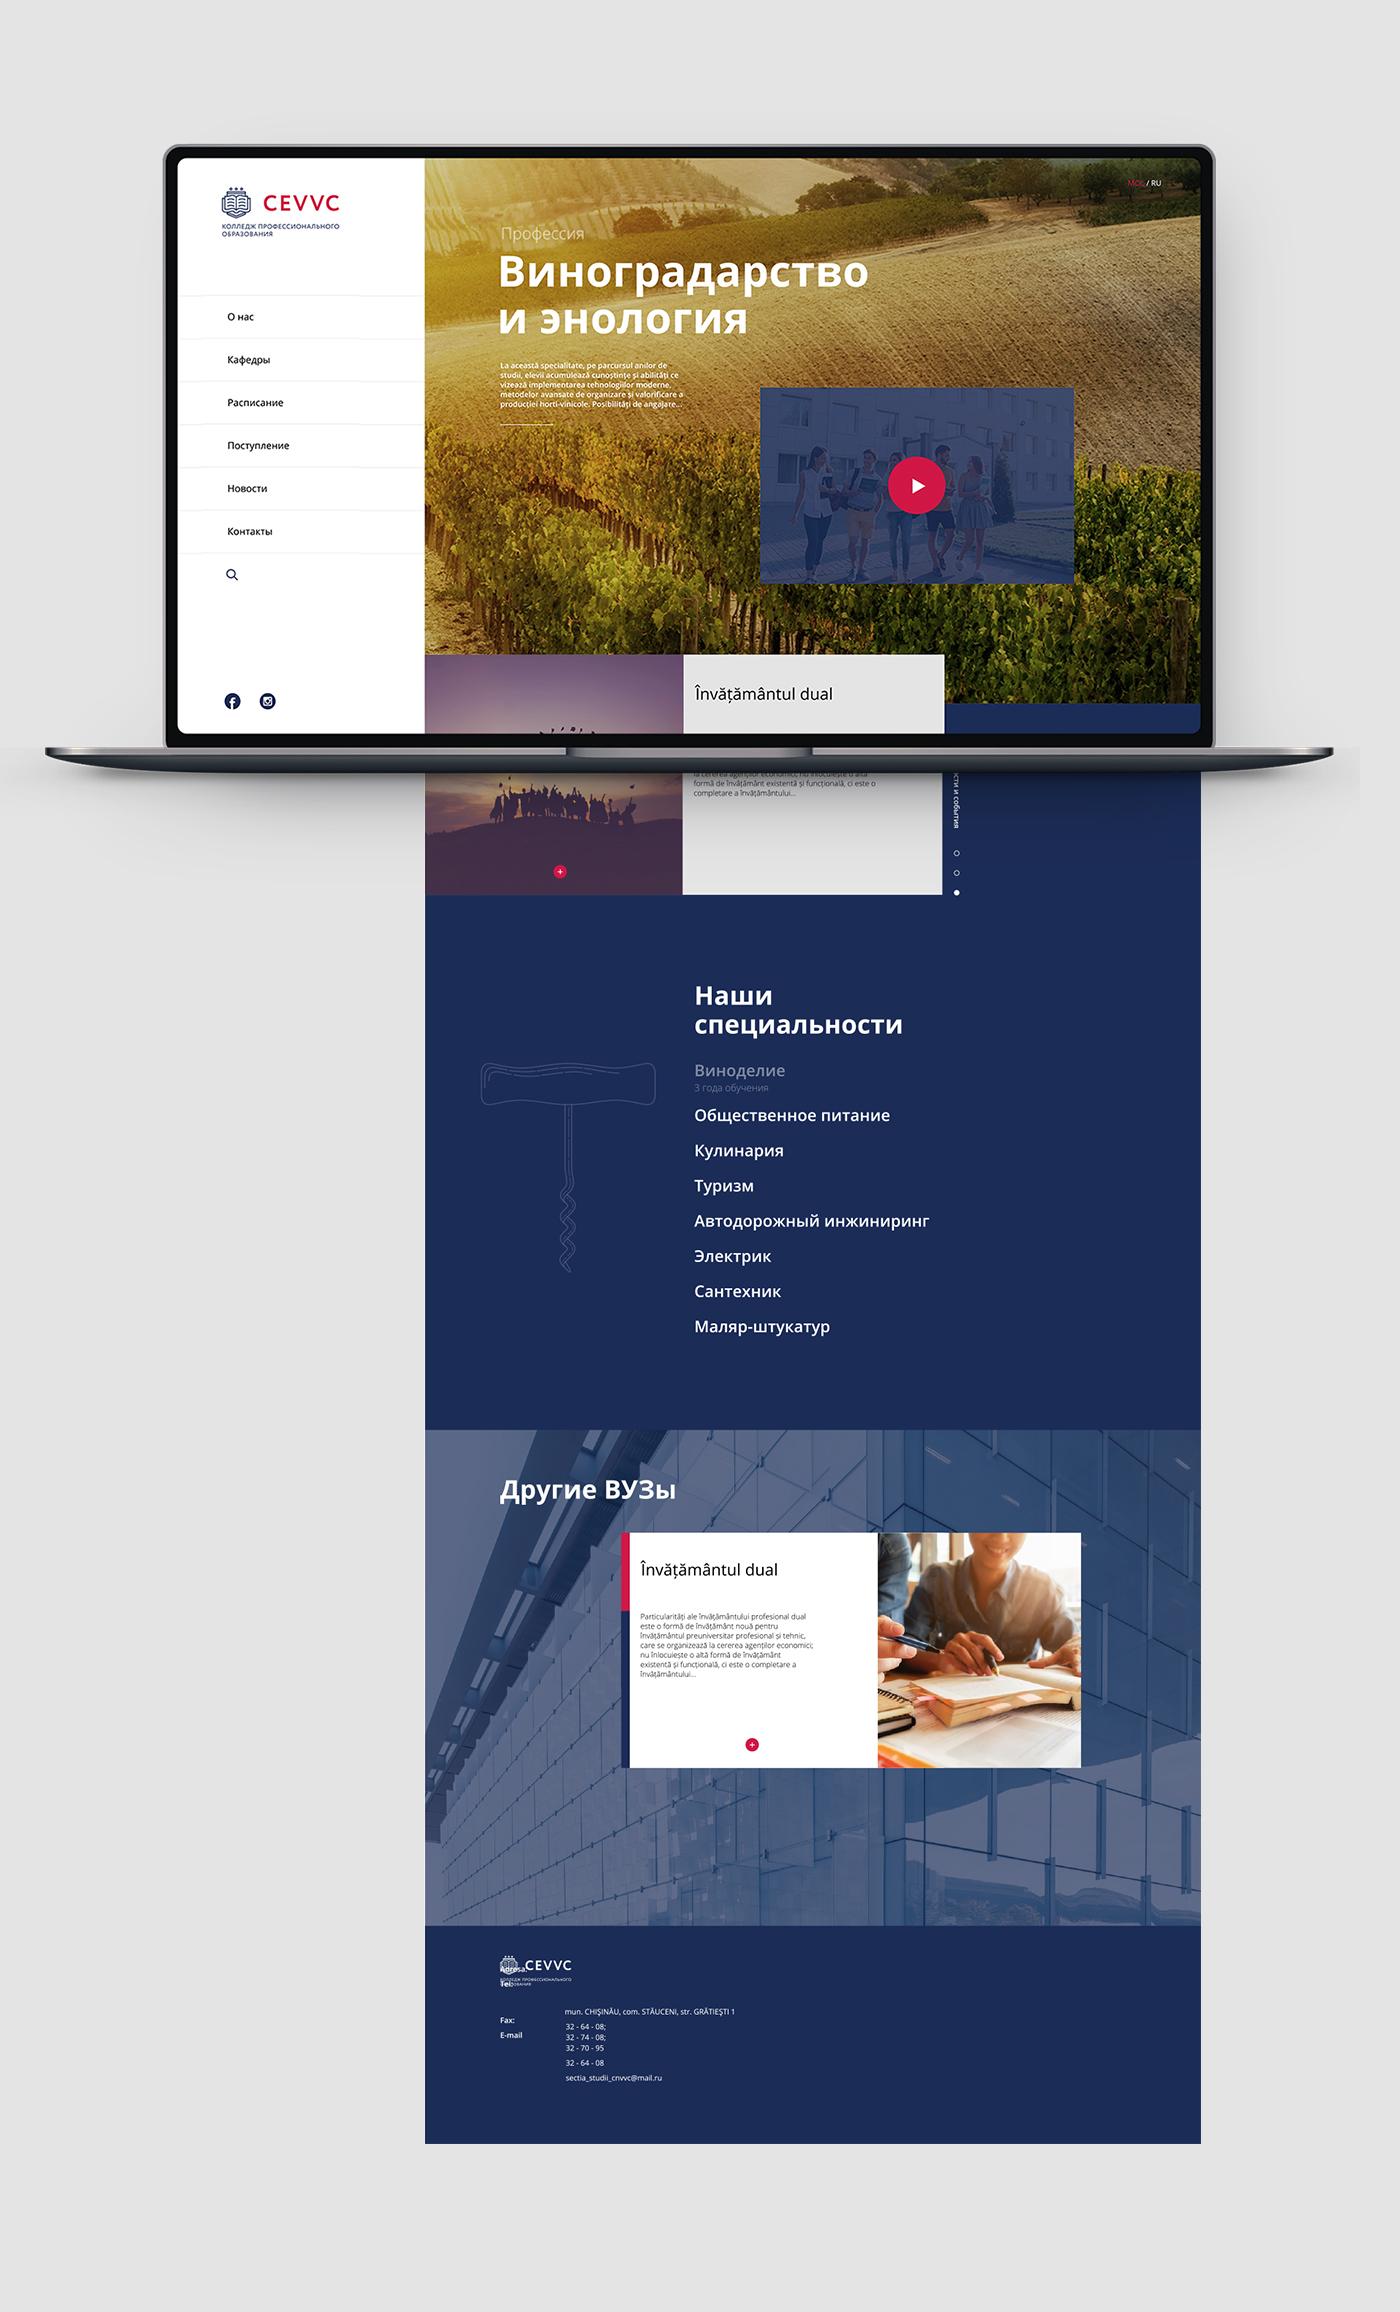 Разработка дизайна сайта колледжа фото f_3915e5f22b76535d.jpg